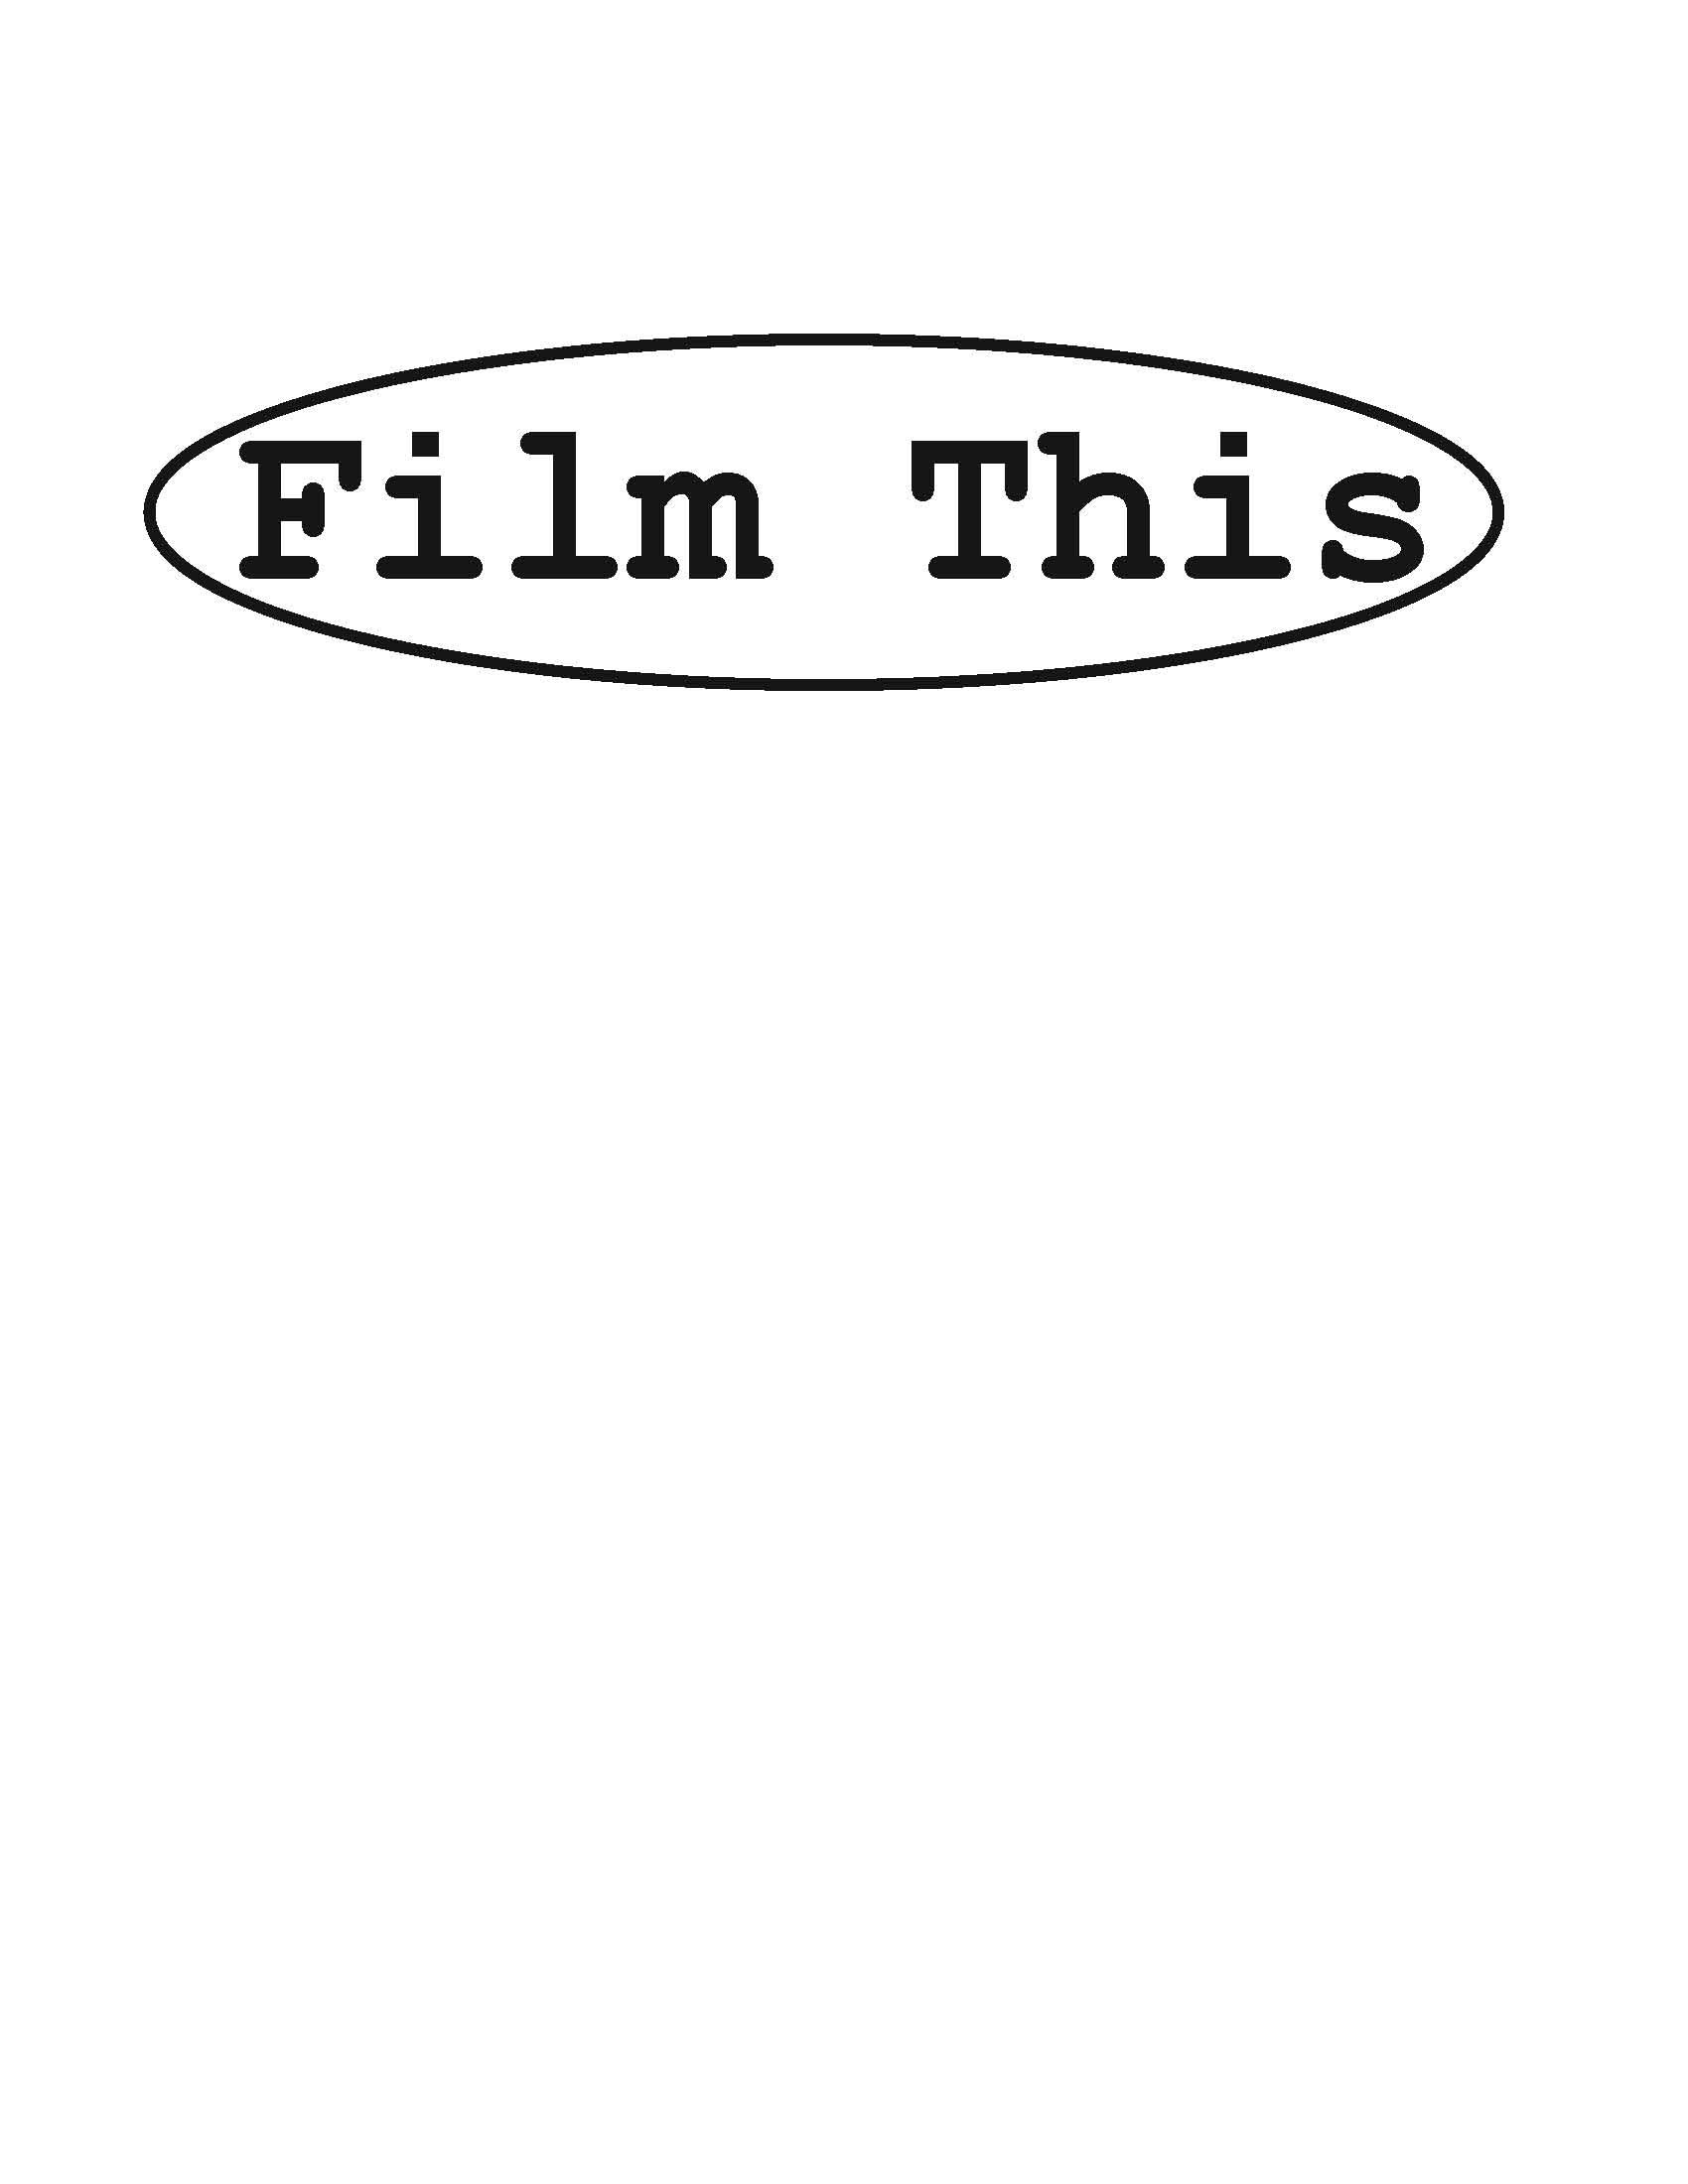 FilmThis